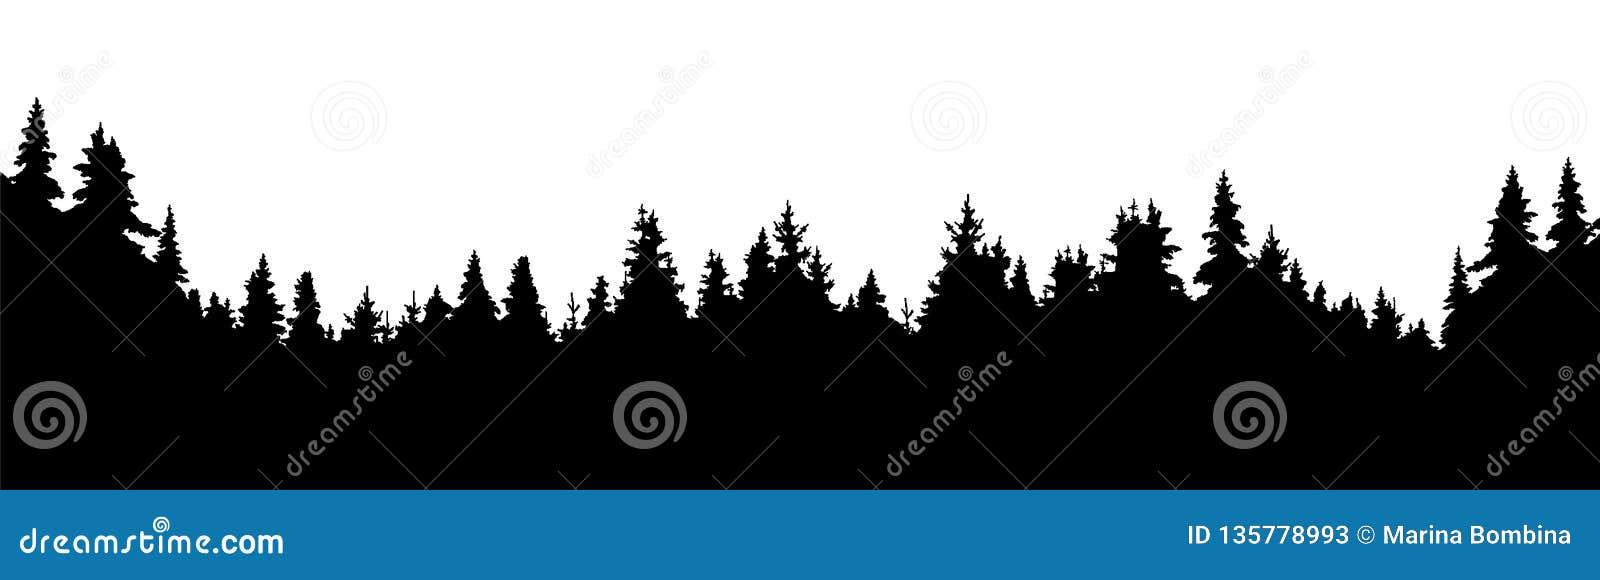 Floresta de árvores coníferas, fundo do vetor da silhueta